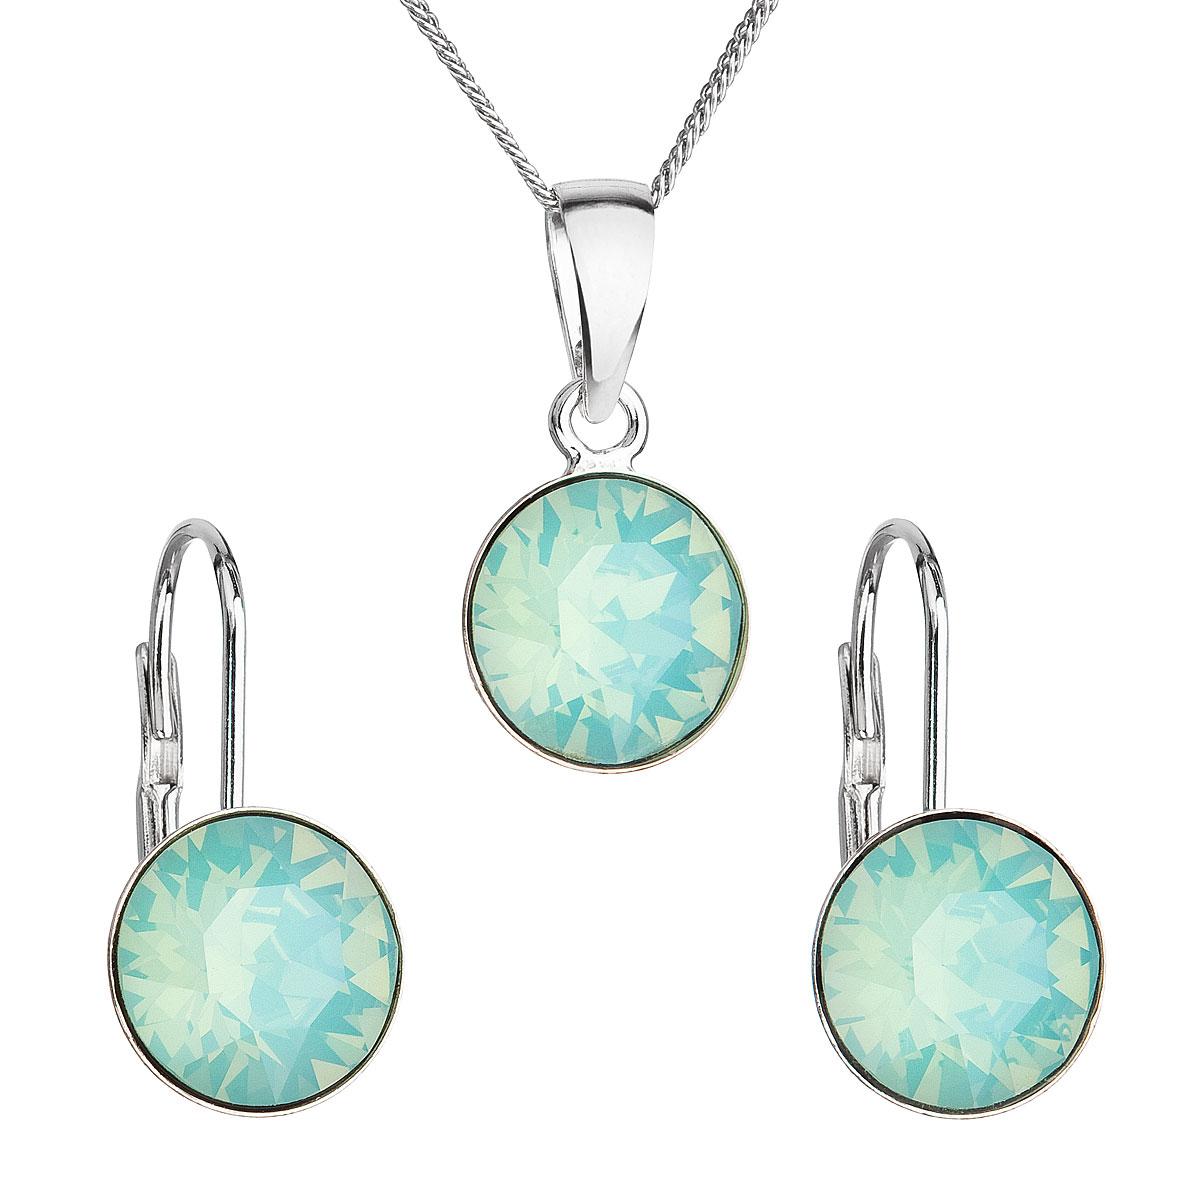 Sada šperků s krystaly Swarovski náušnice,řetízek a přívěsek modré kulaté 39140.7 pacific opal